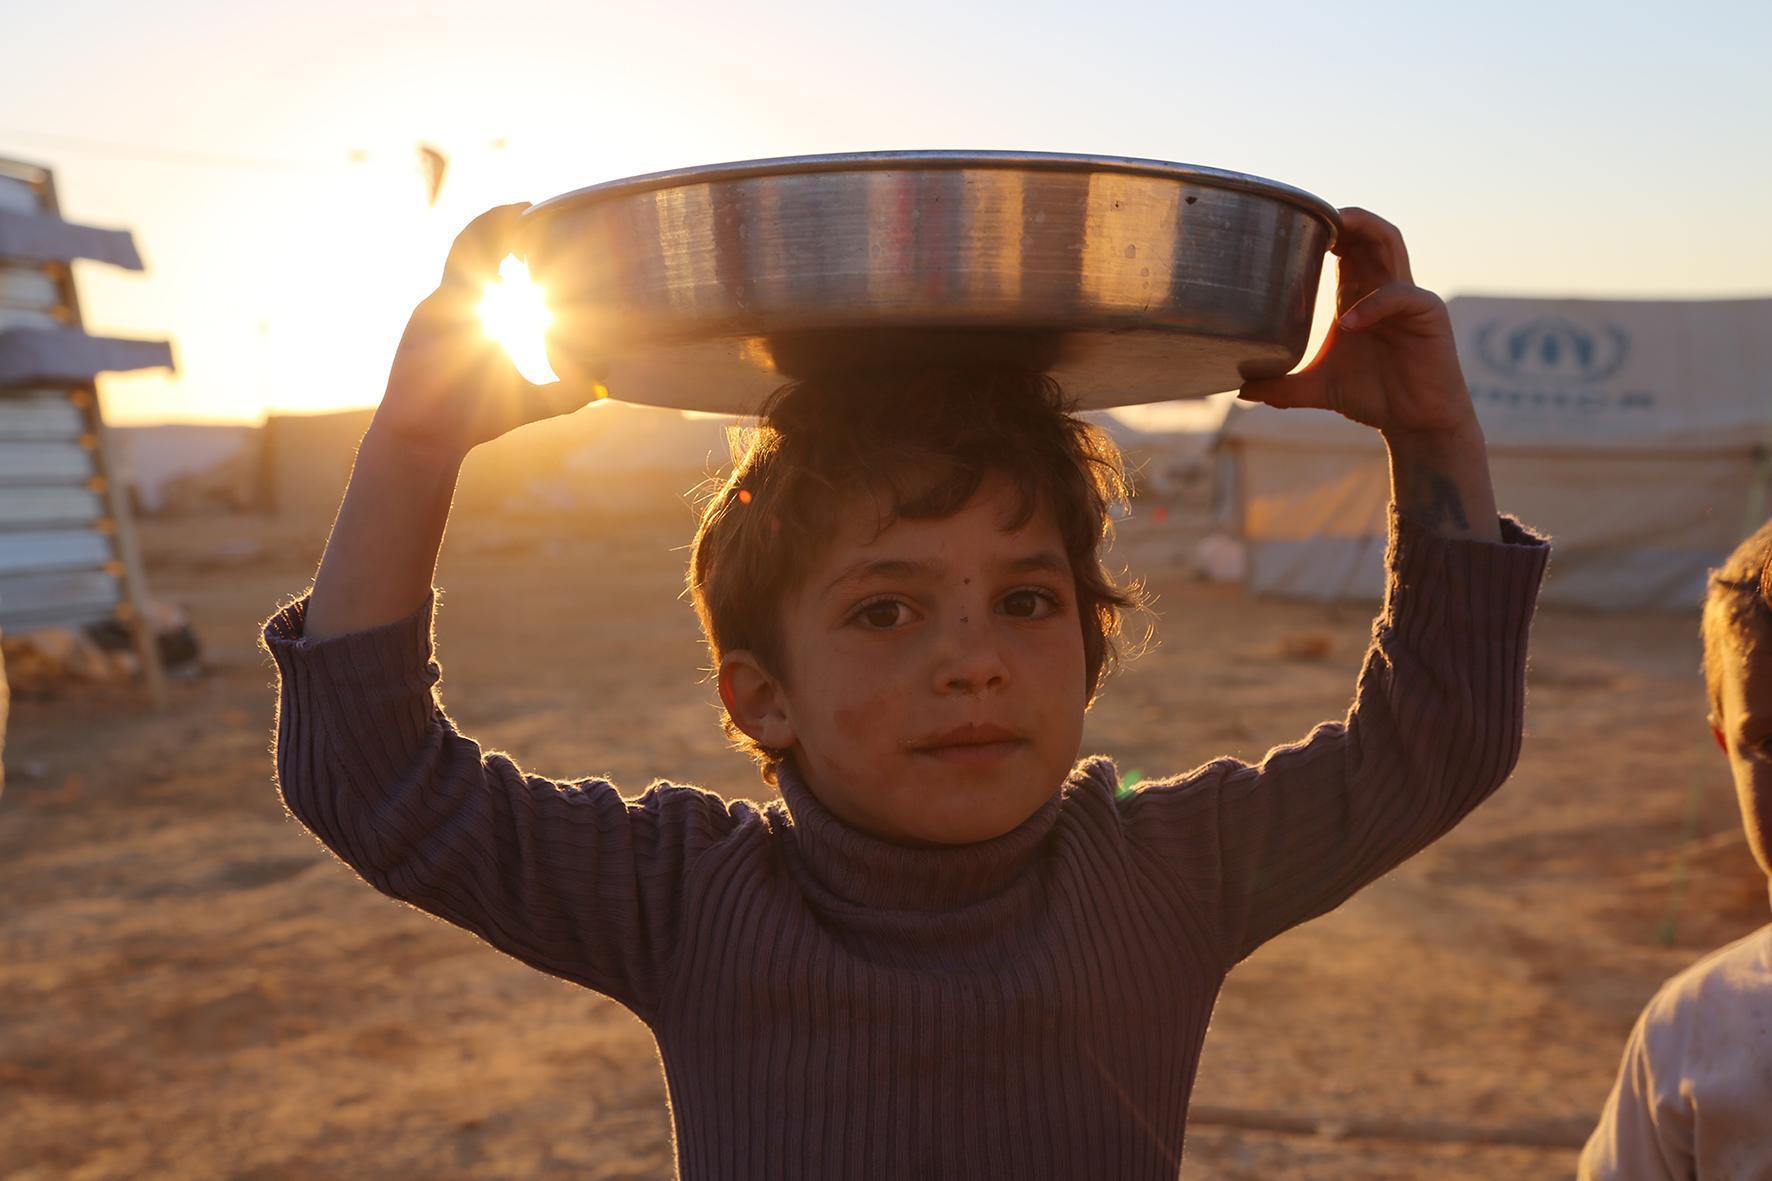 El Documental del Mes cuenta la historia de una niña que vive en un campo de refugiados desde hace ocho años